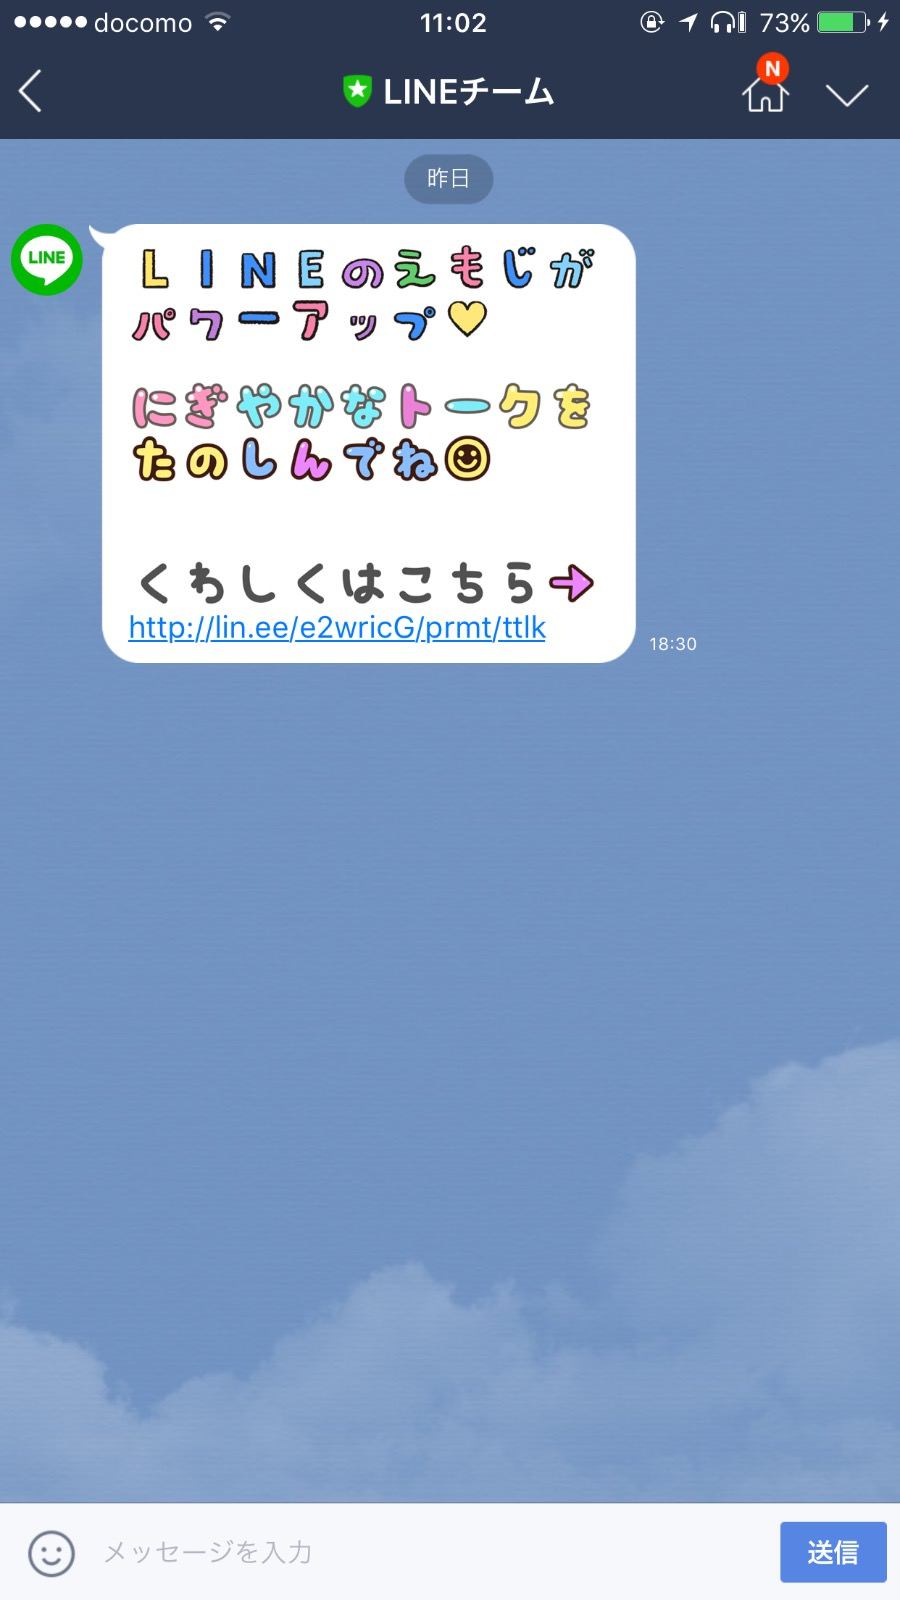 Line emoji 4820